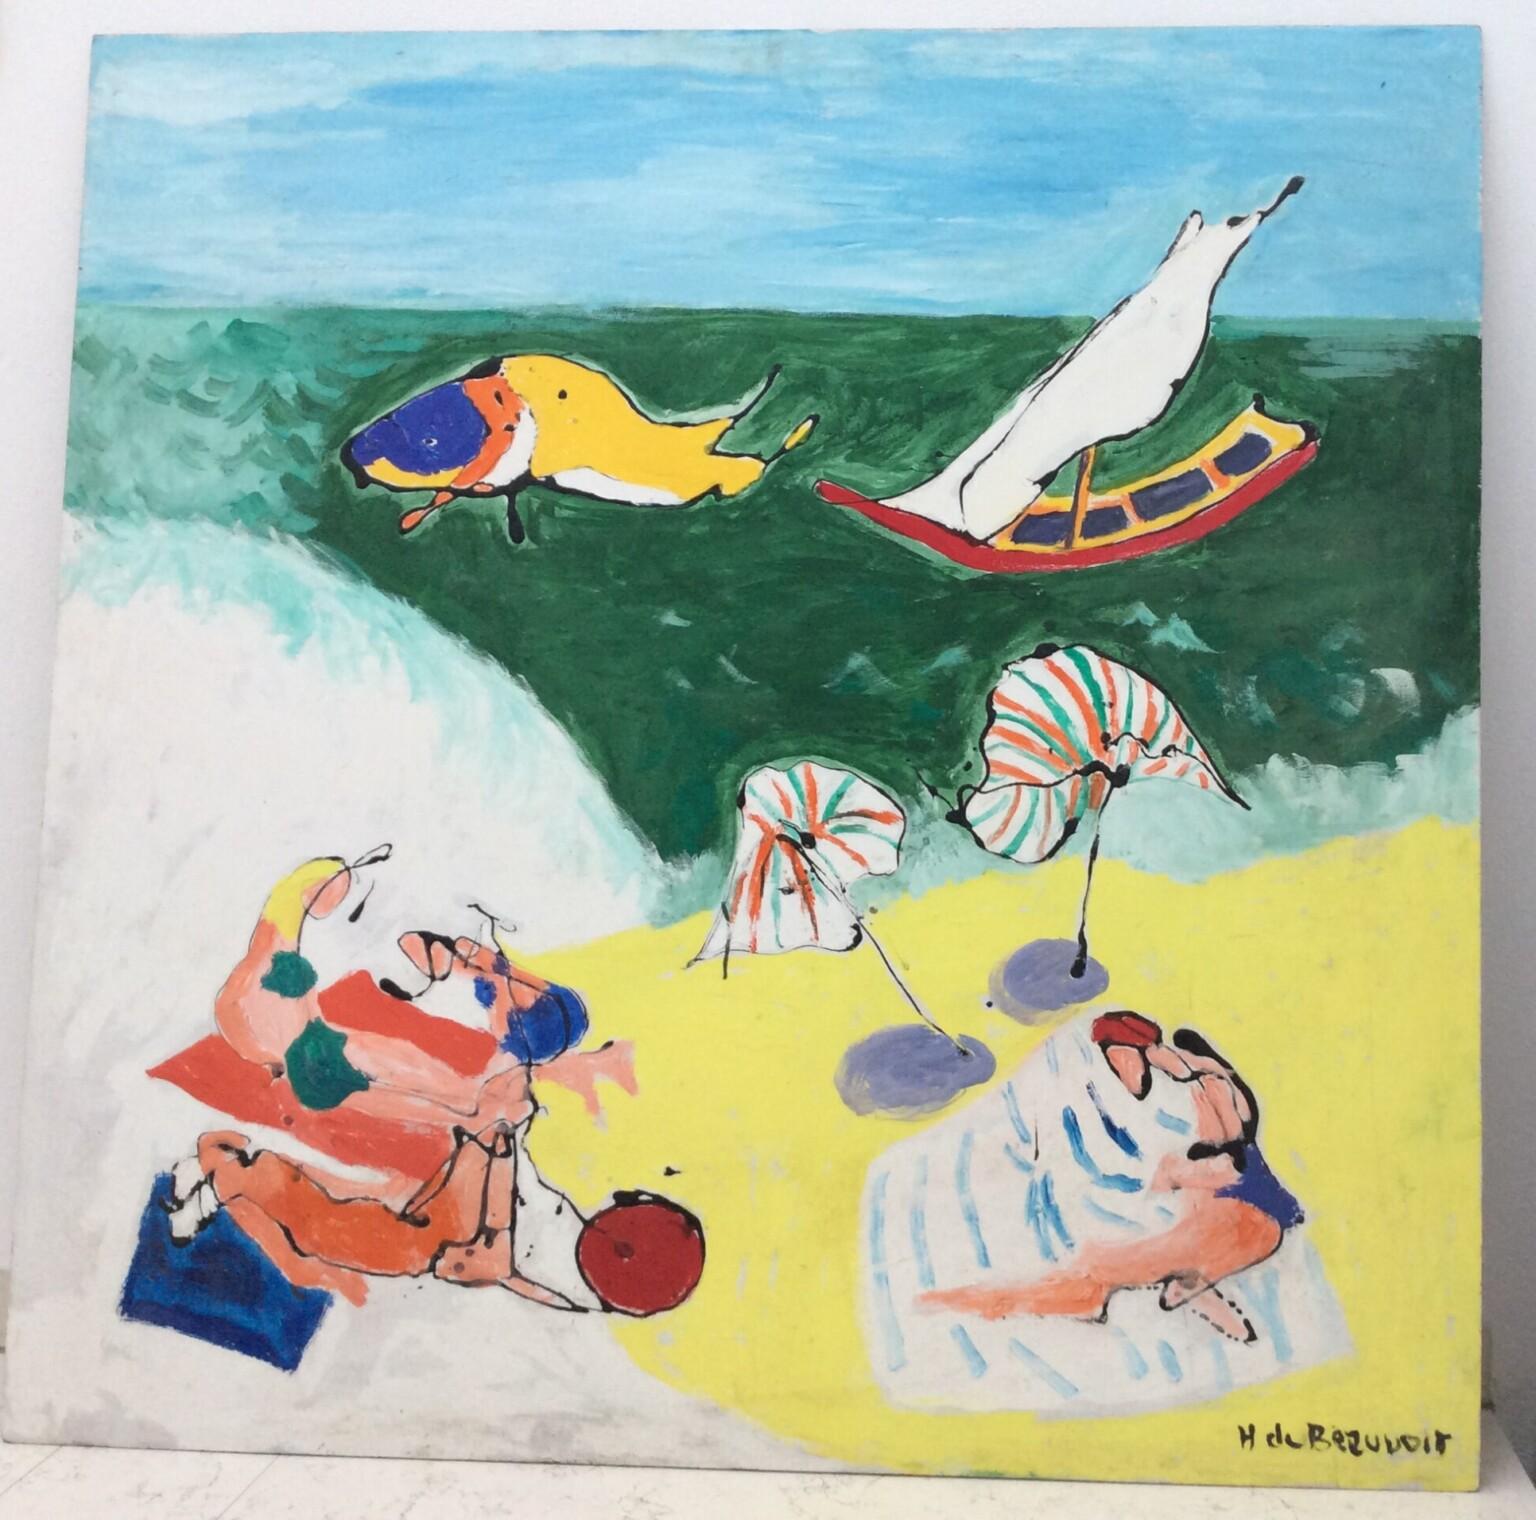 Bild des Werkes mit dem Titel: Bain de soleil (Sonnenbad)